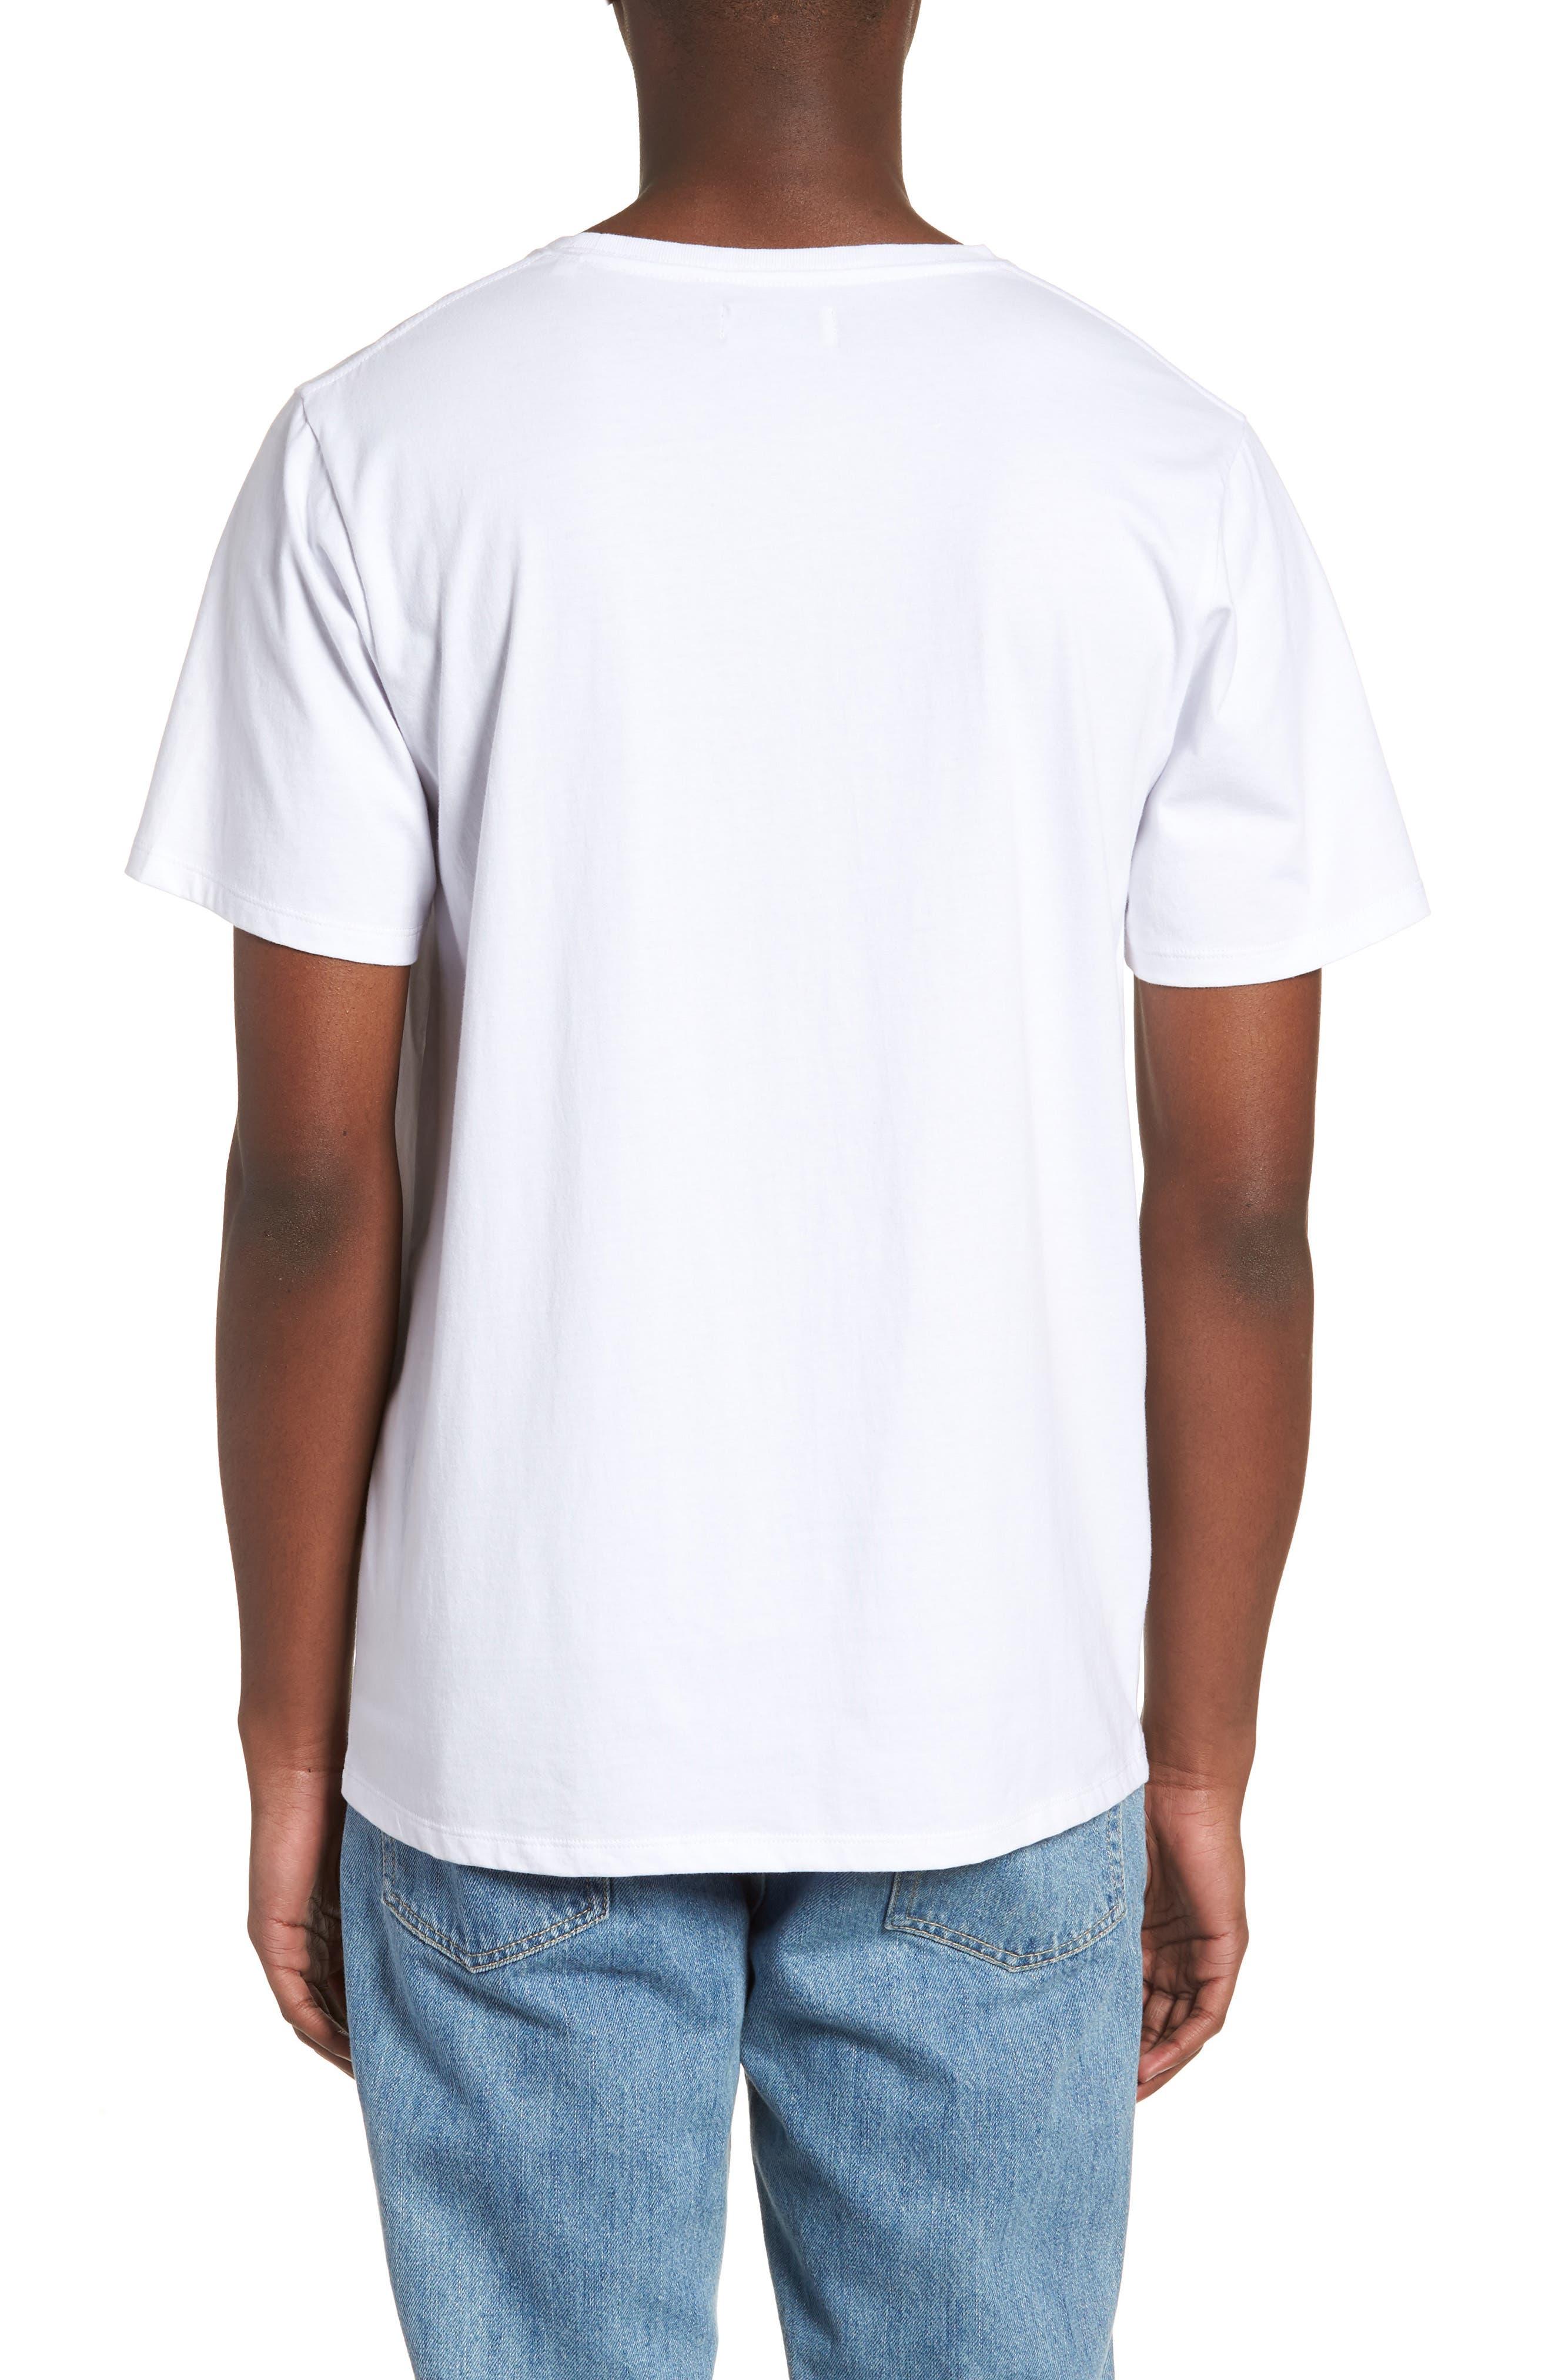 Miller Standard T-Shirt,                             Alternate thumbnail 2, color,                             110